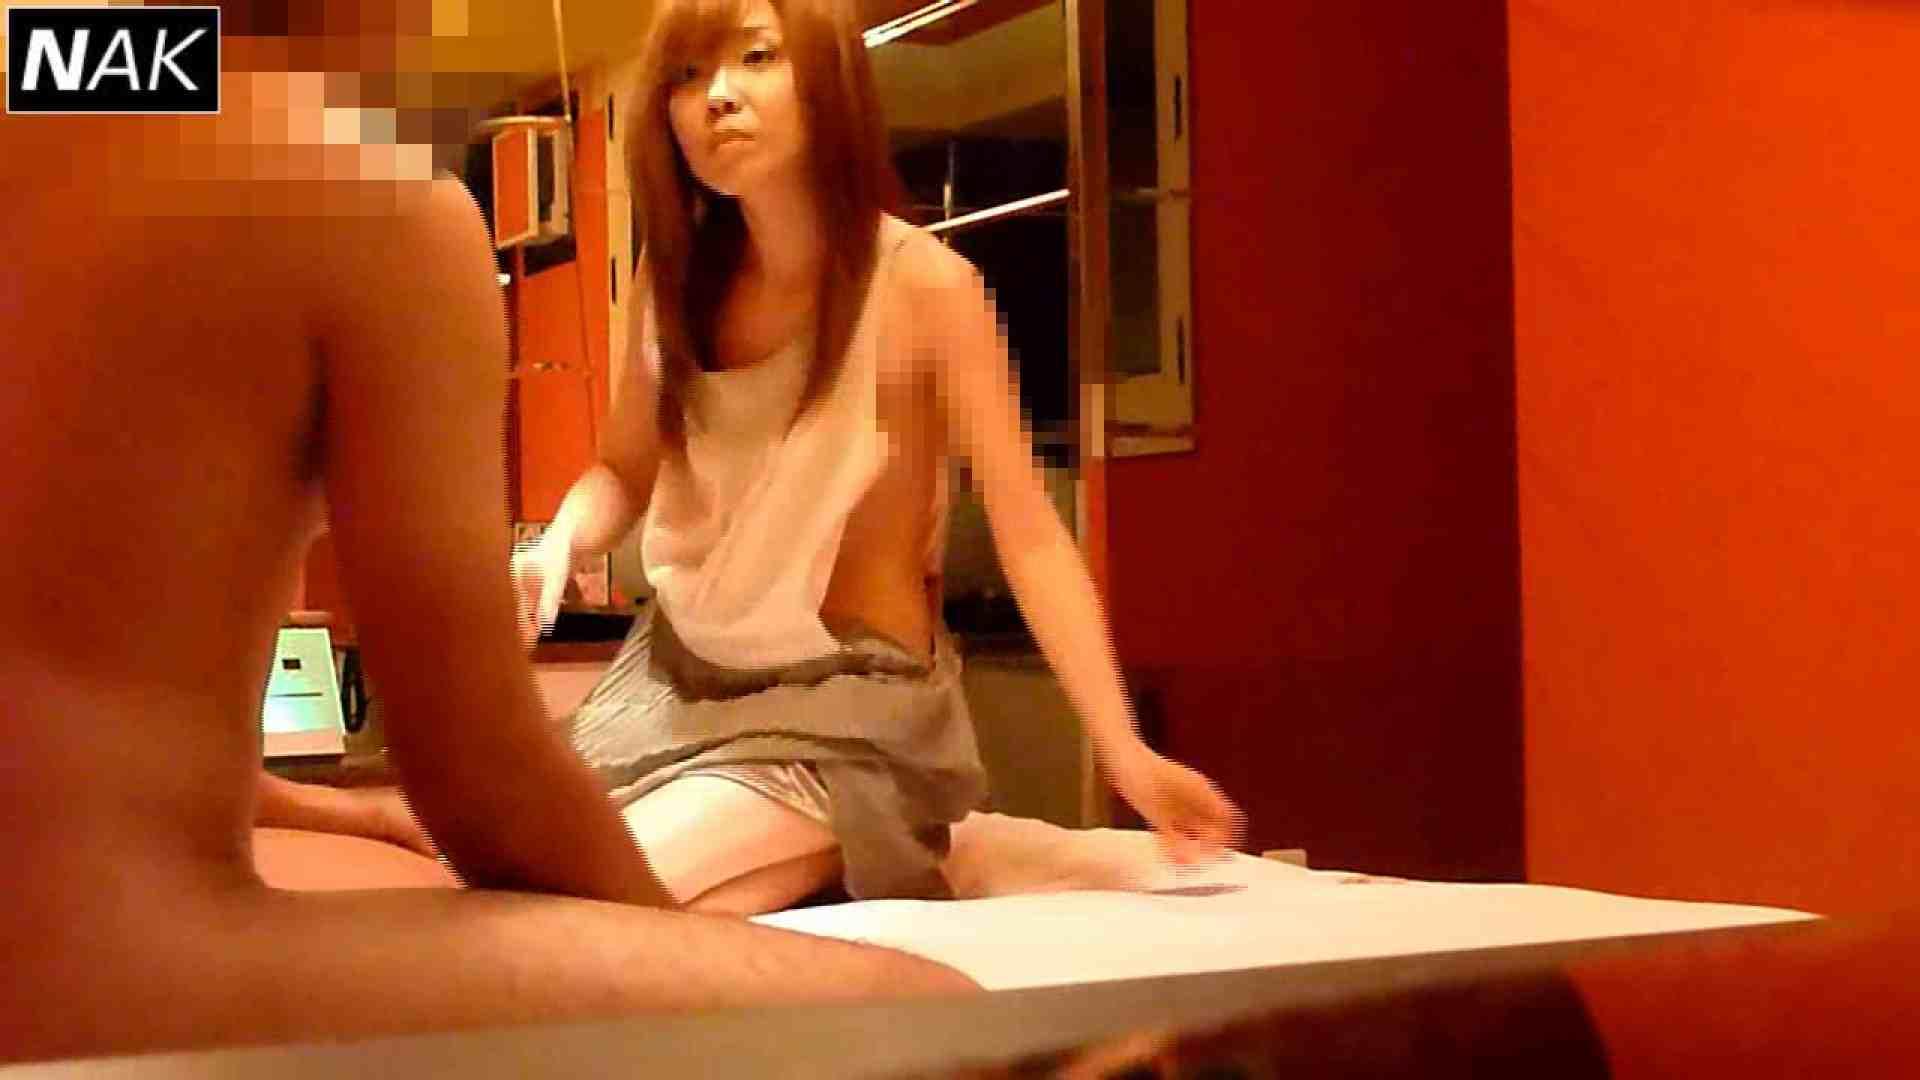 韓国芸能プロダクションタレントのたまご Vol.09 HなOL ぱこり動画紹介 112pic 101